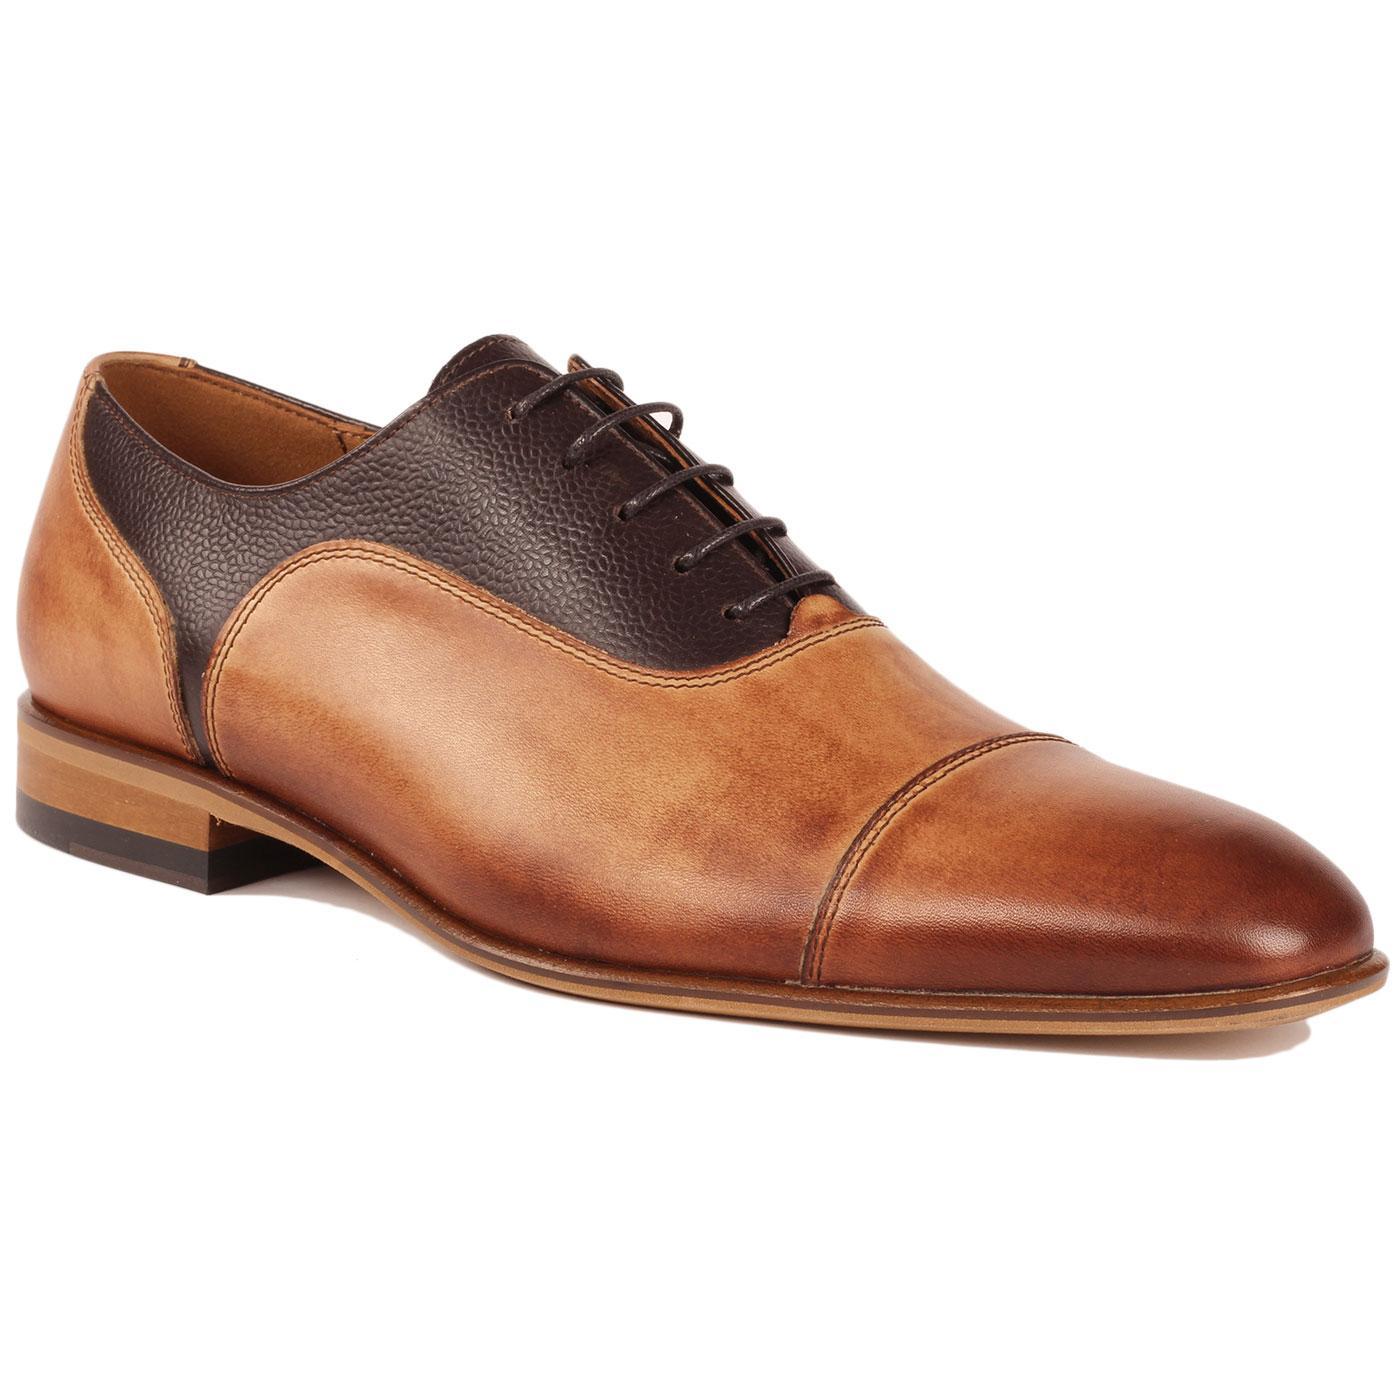 LACUZZO Mod Scotch Grain Burnished Toe Cap Shoes